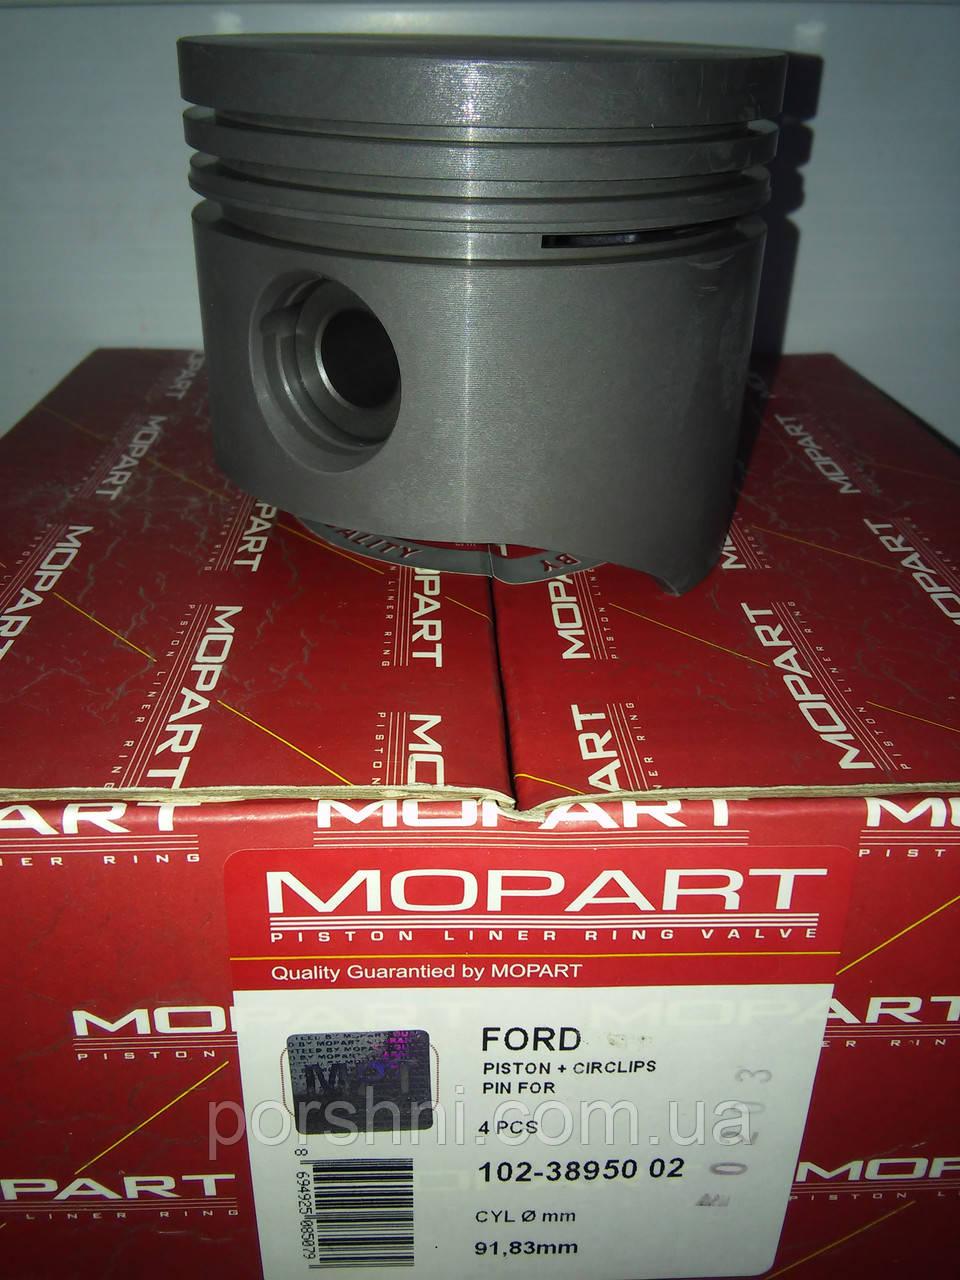 Поршневая Форд Сиерра  90,8 + 1    (  2 х 2.5 х 4 )  Mopart  389502  без колец